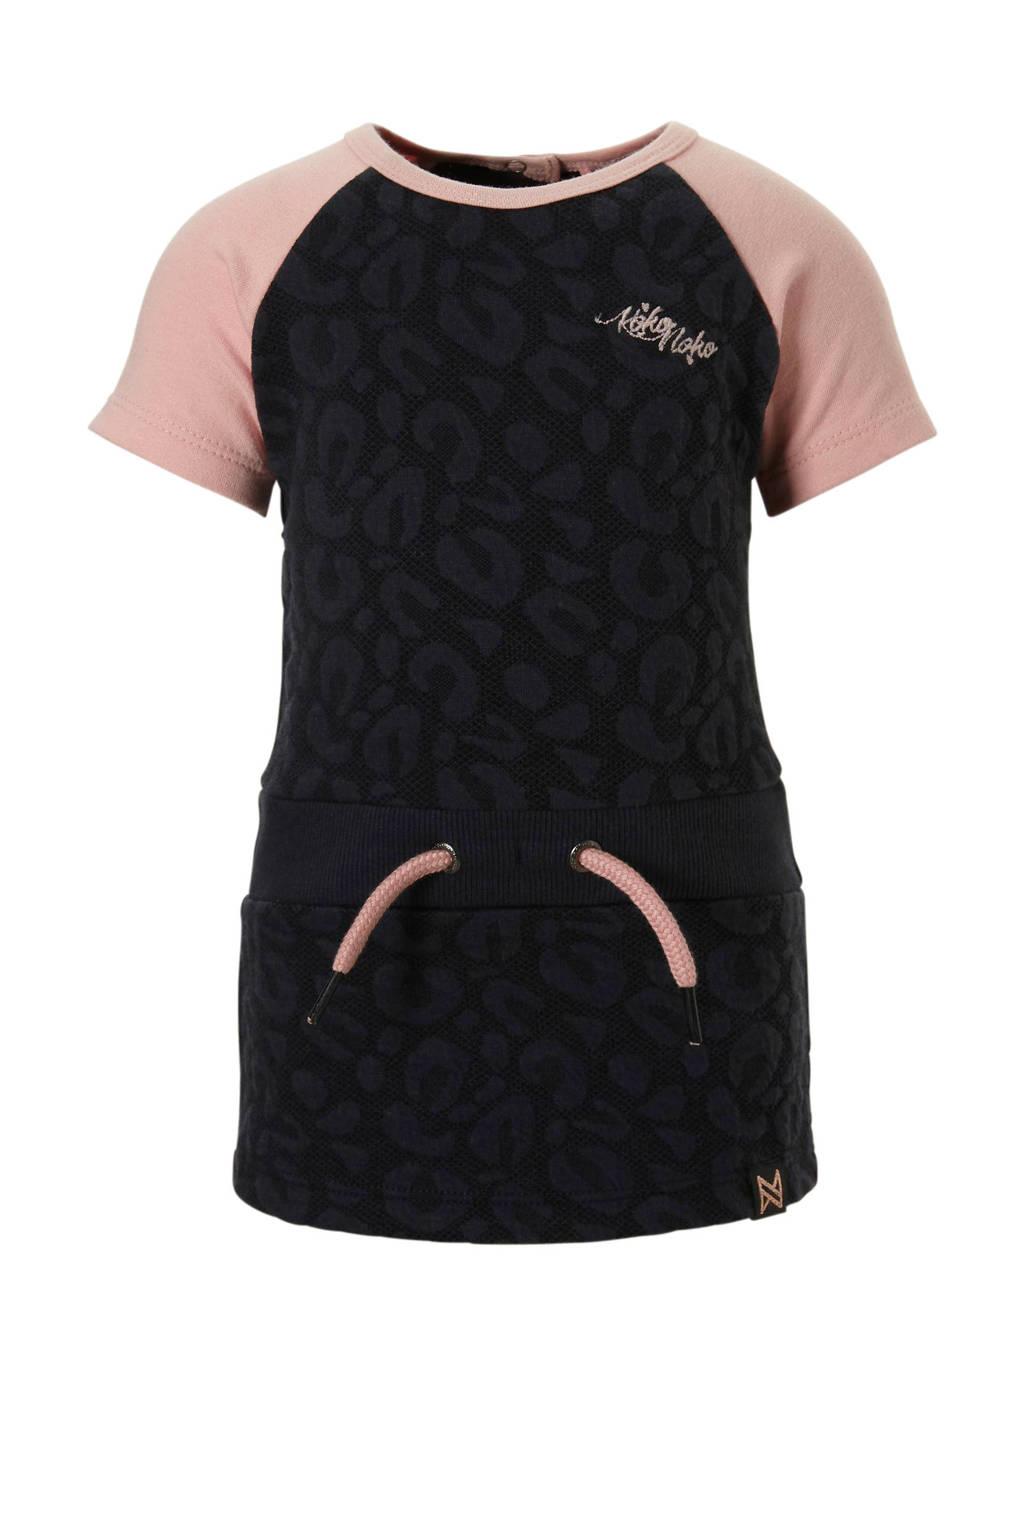 Koko Noko jersey jurk met panterprint donkerblauw/roze, Donkerblauw/roze